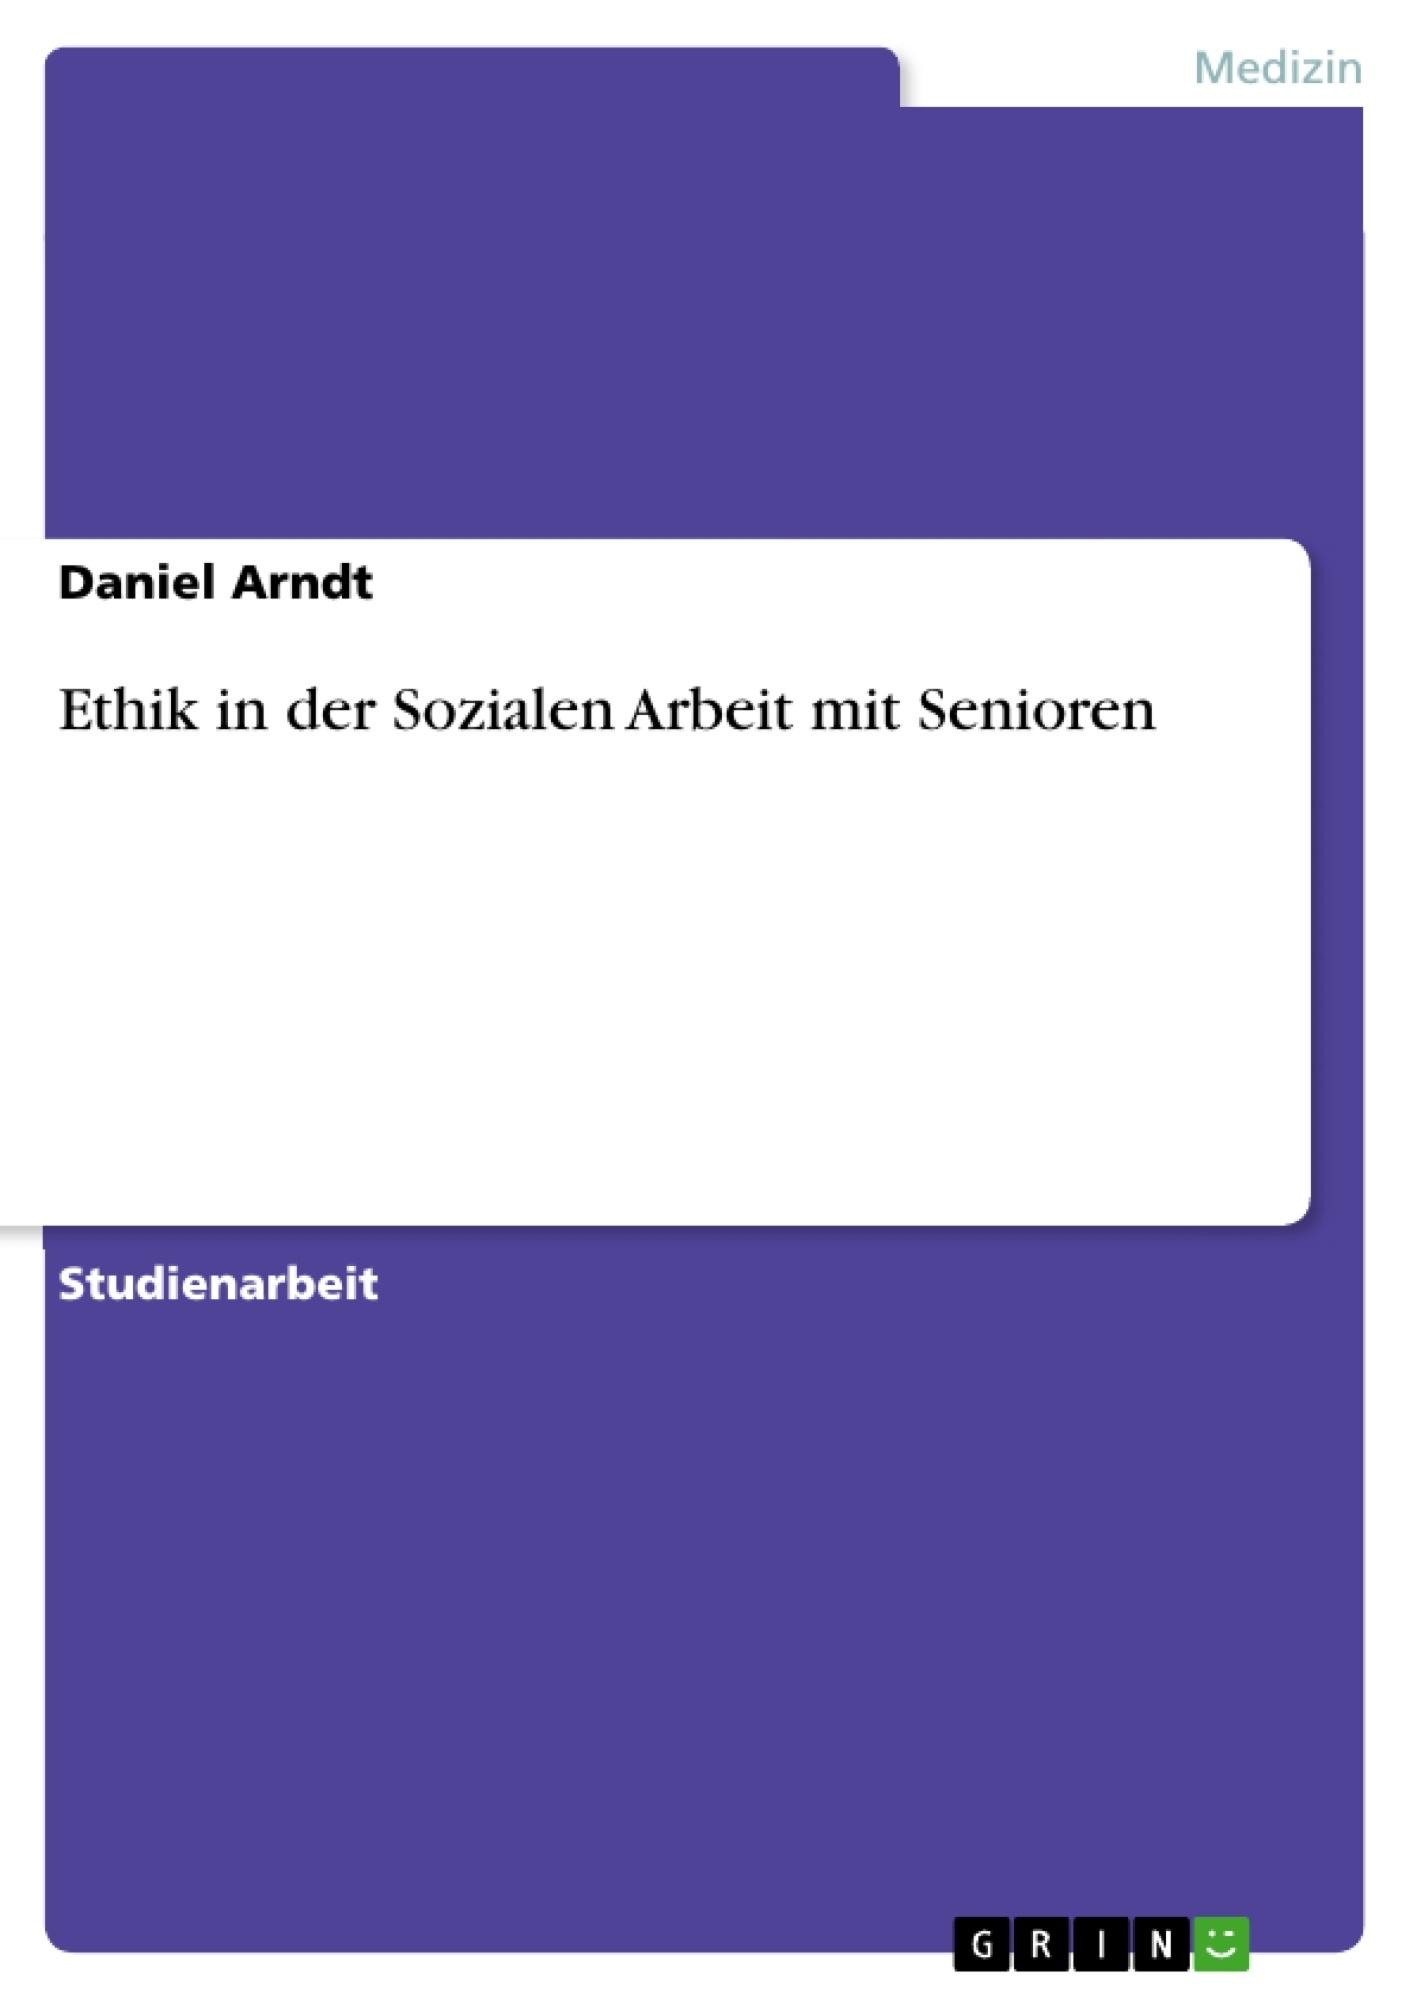 Titel: Ethik in der Sozialen Arbeit mit Senioren